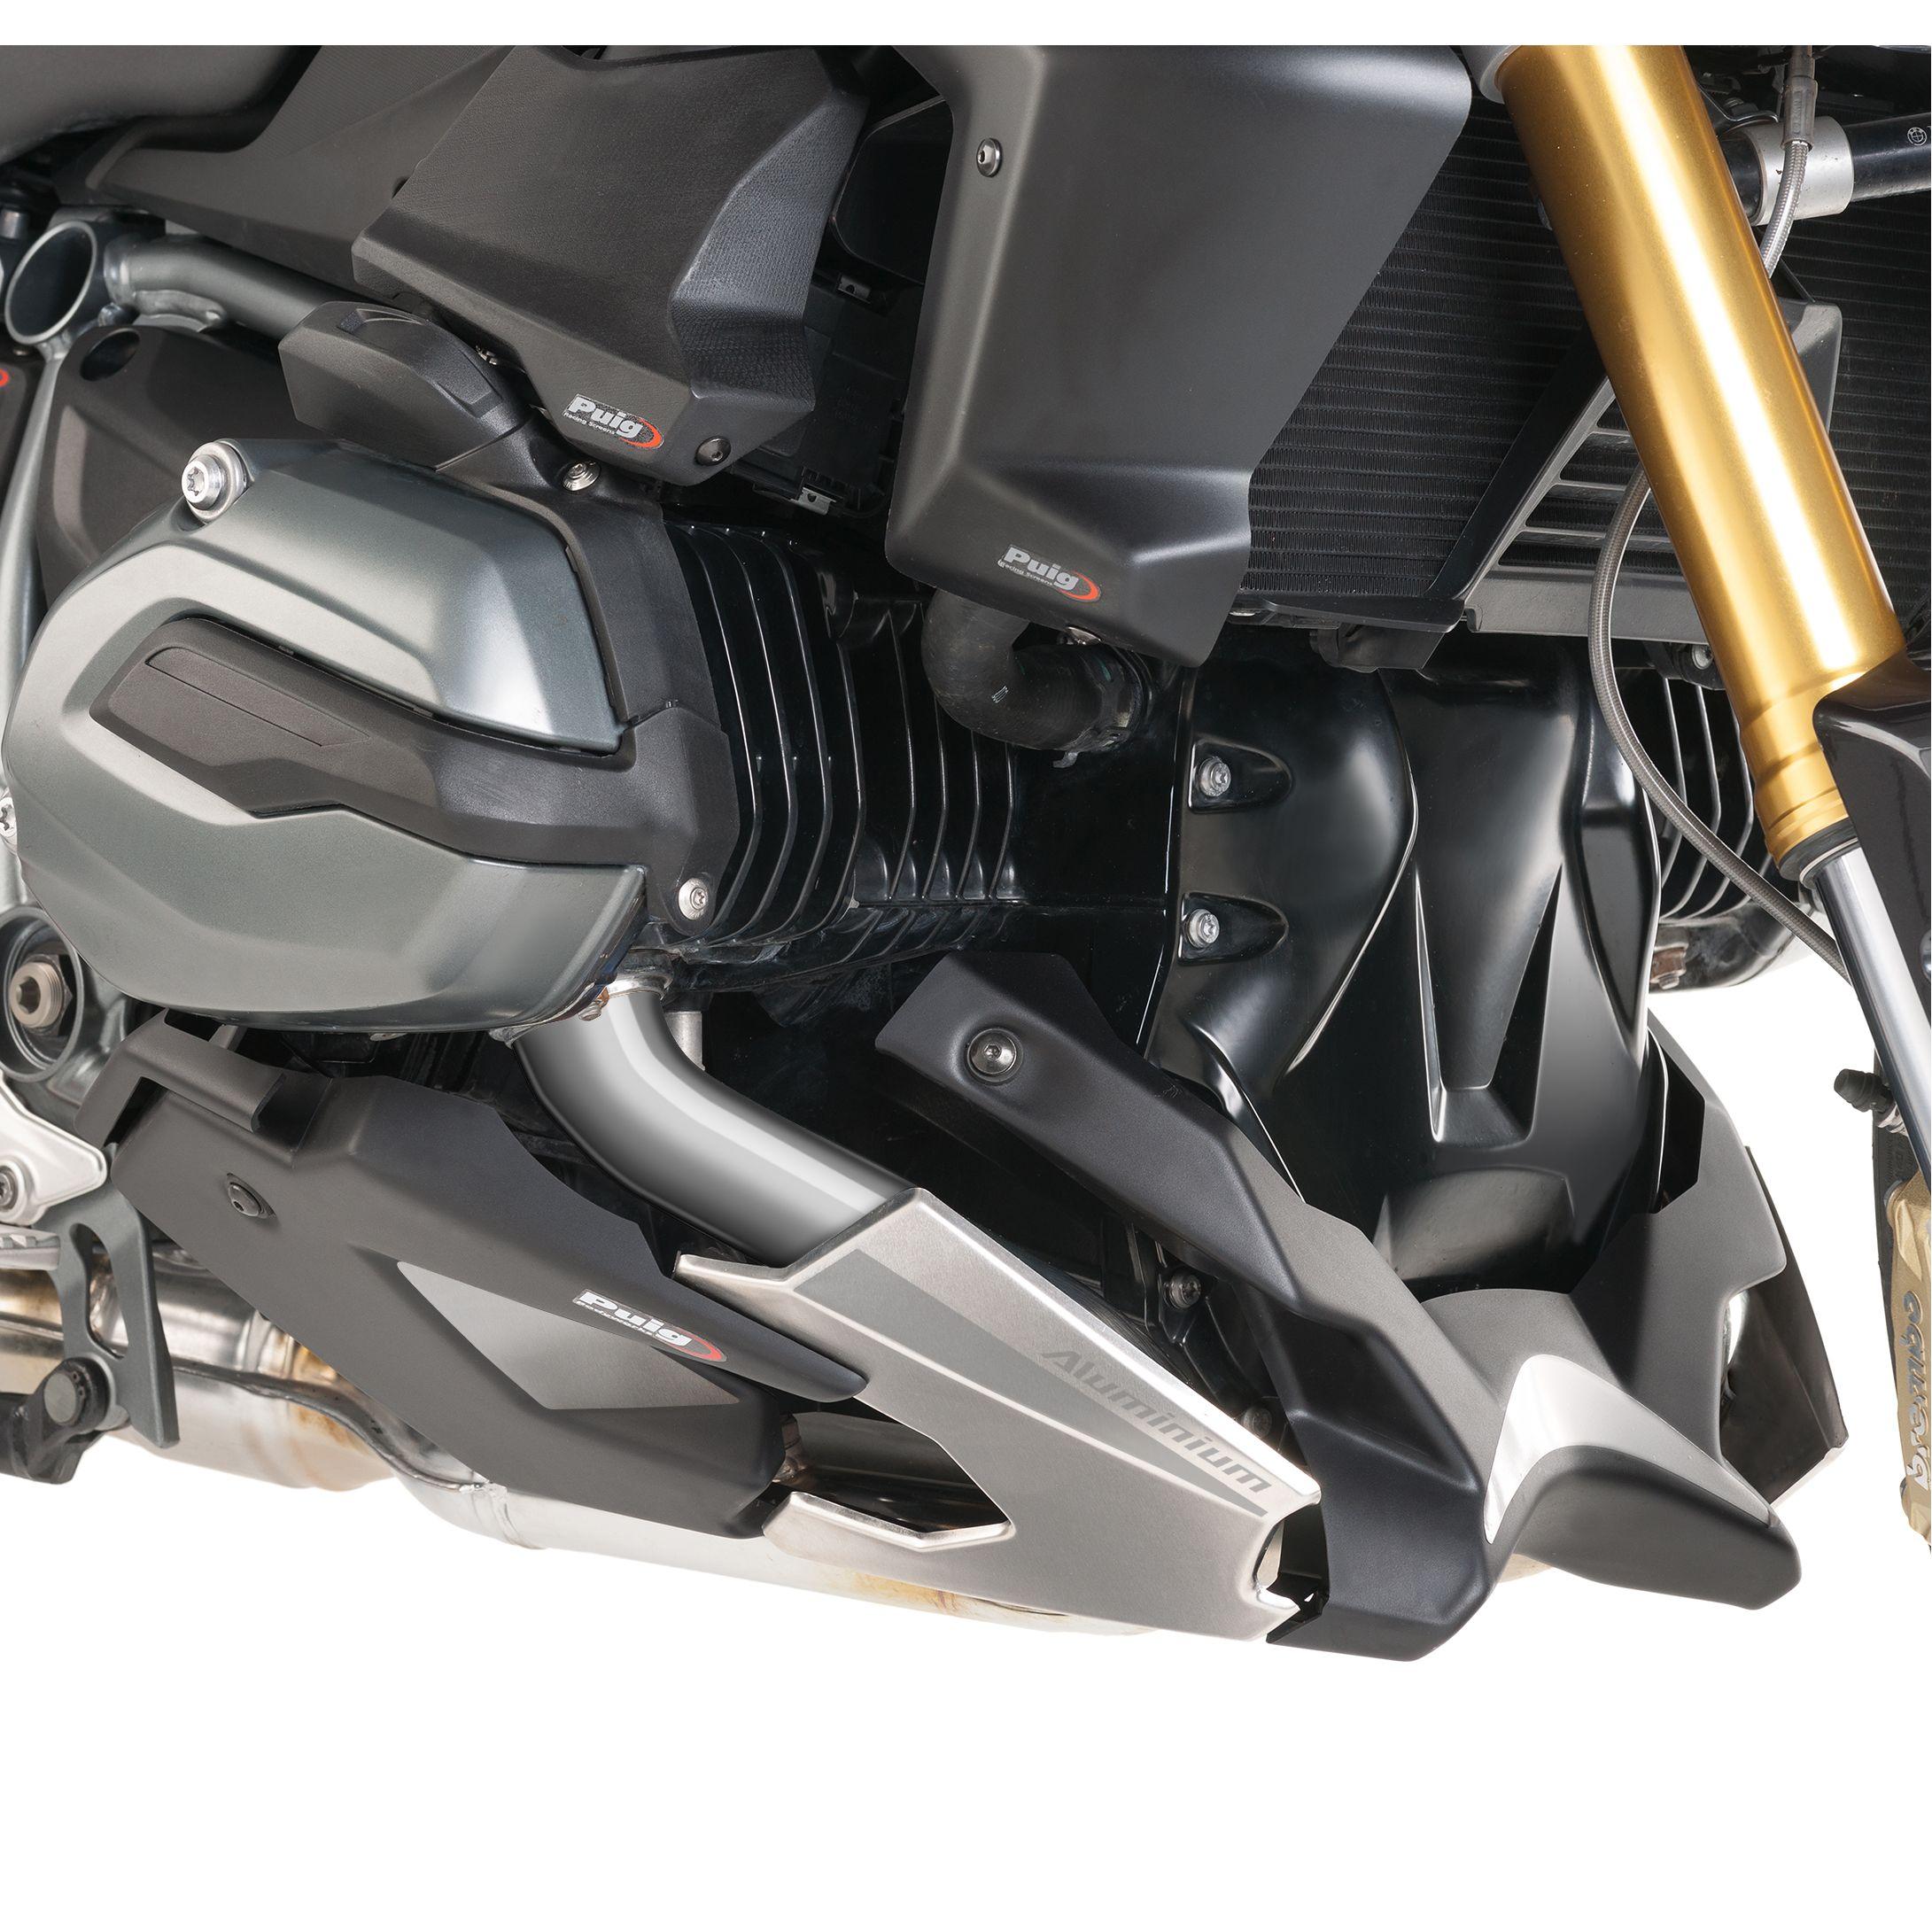 Accessoire moto puig